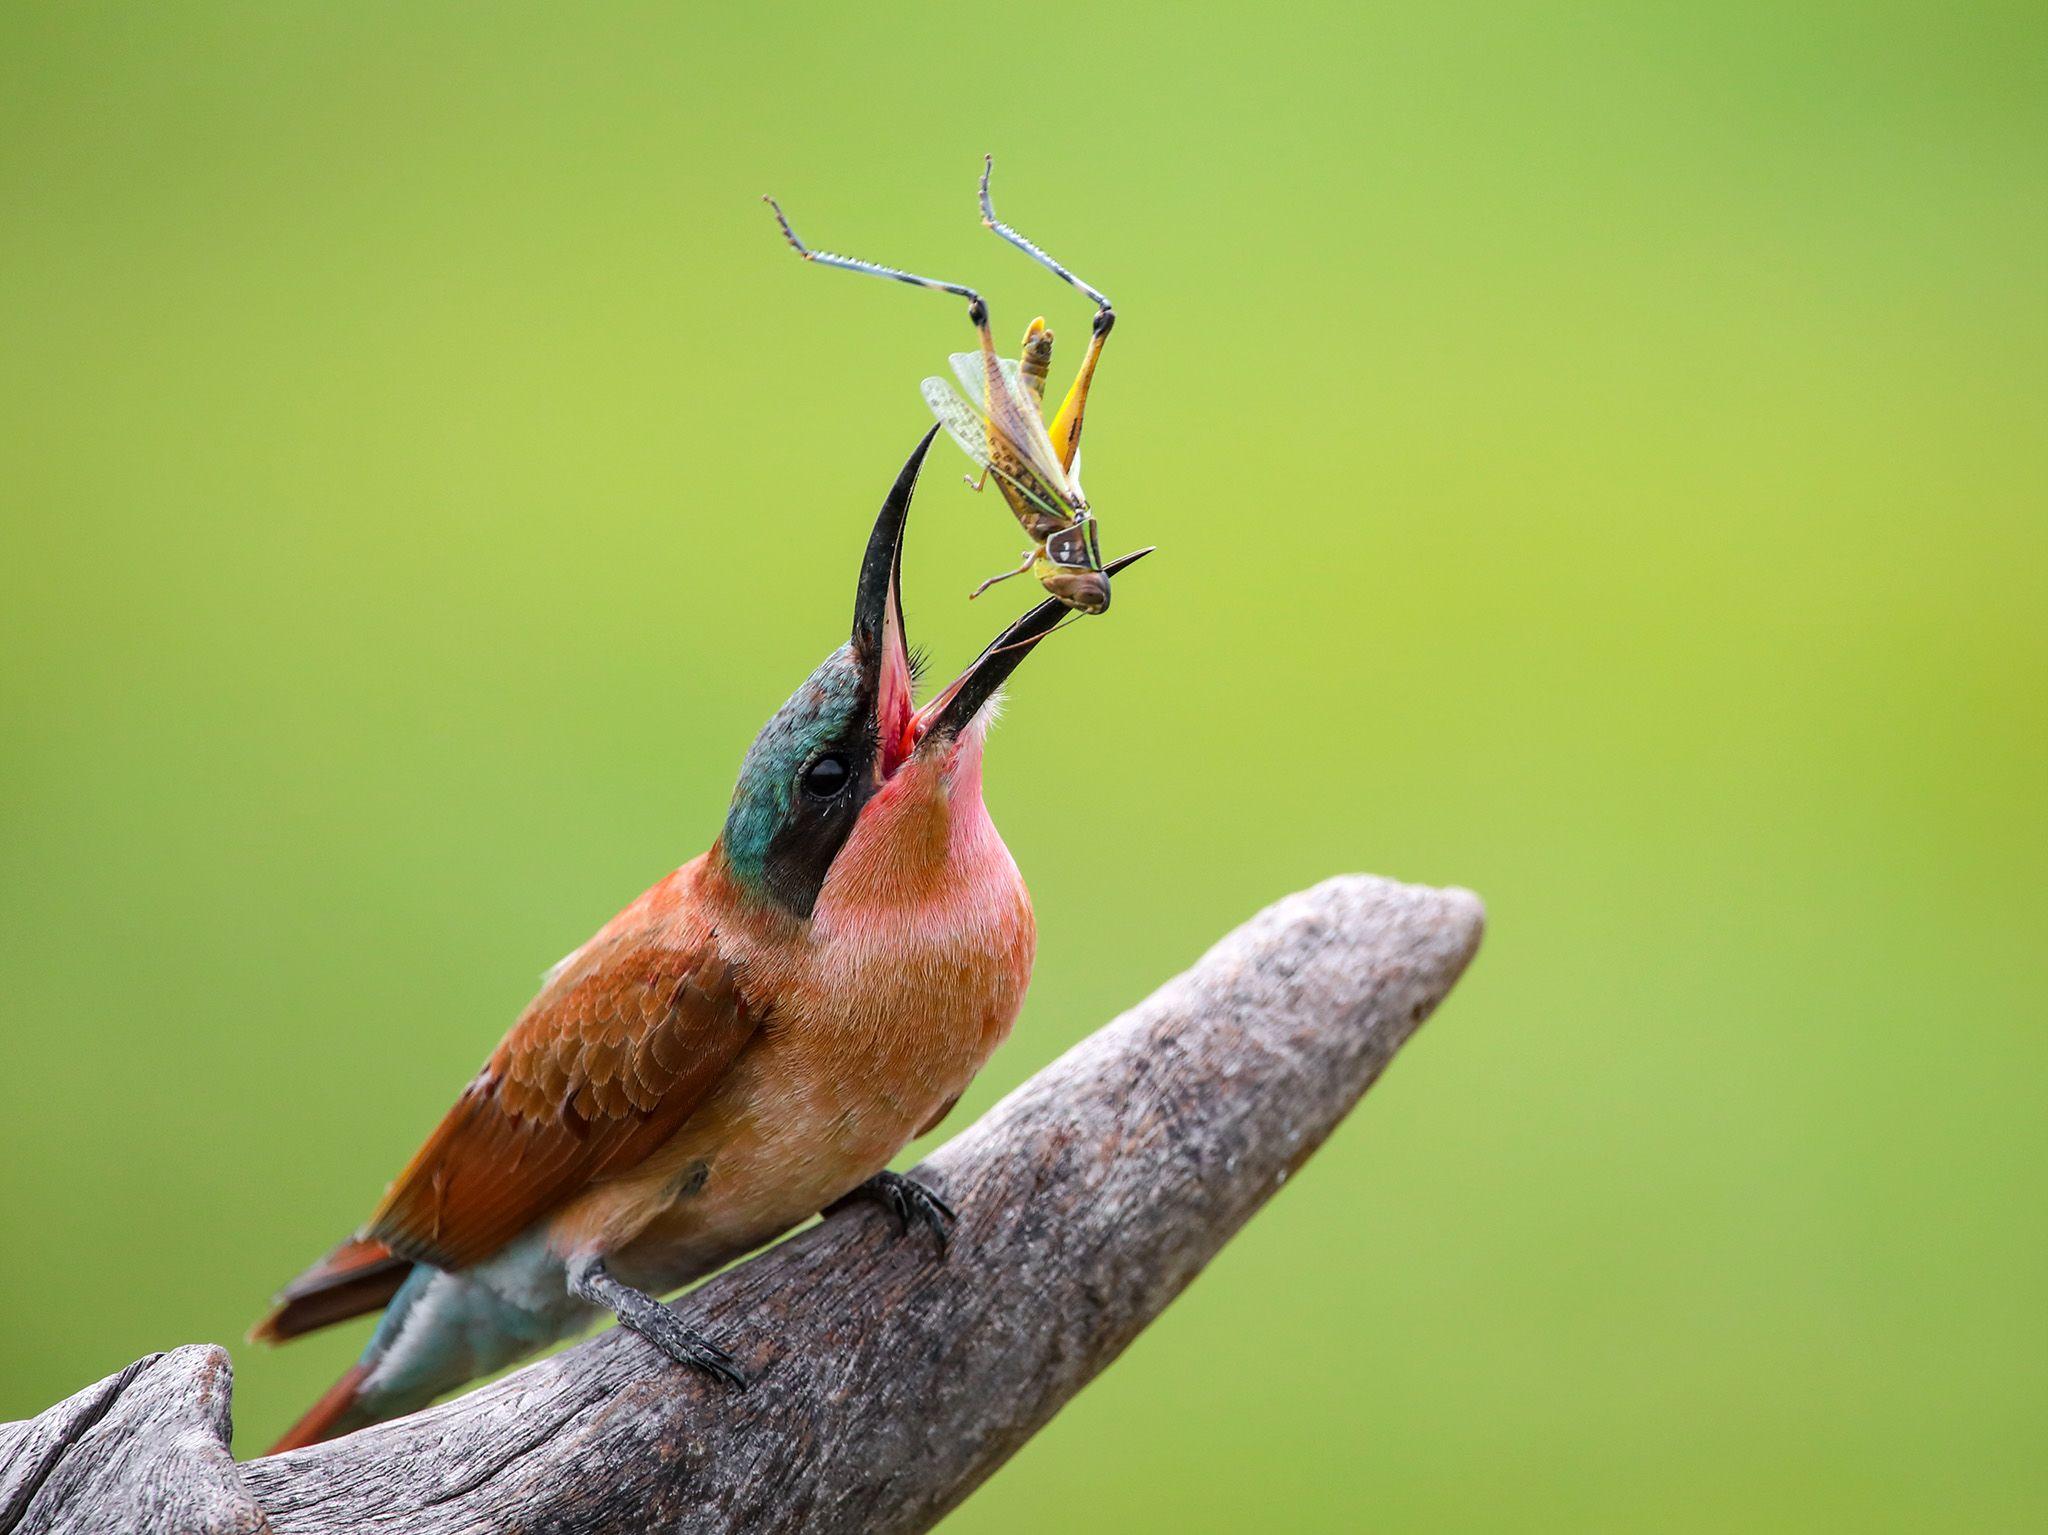 وروار كارميني يصطاد الجراد الطائر في الهواء ويعيد... [Photo of the day - أكتوبر 2020]